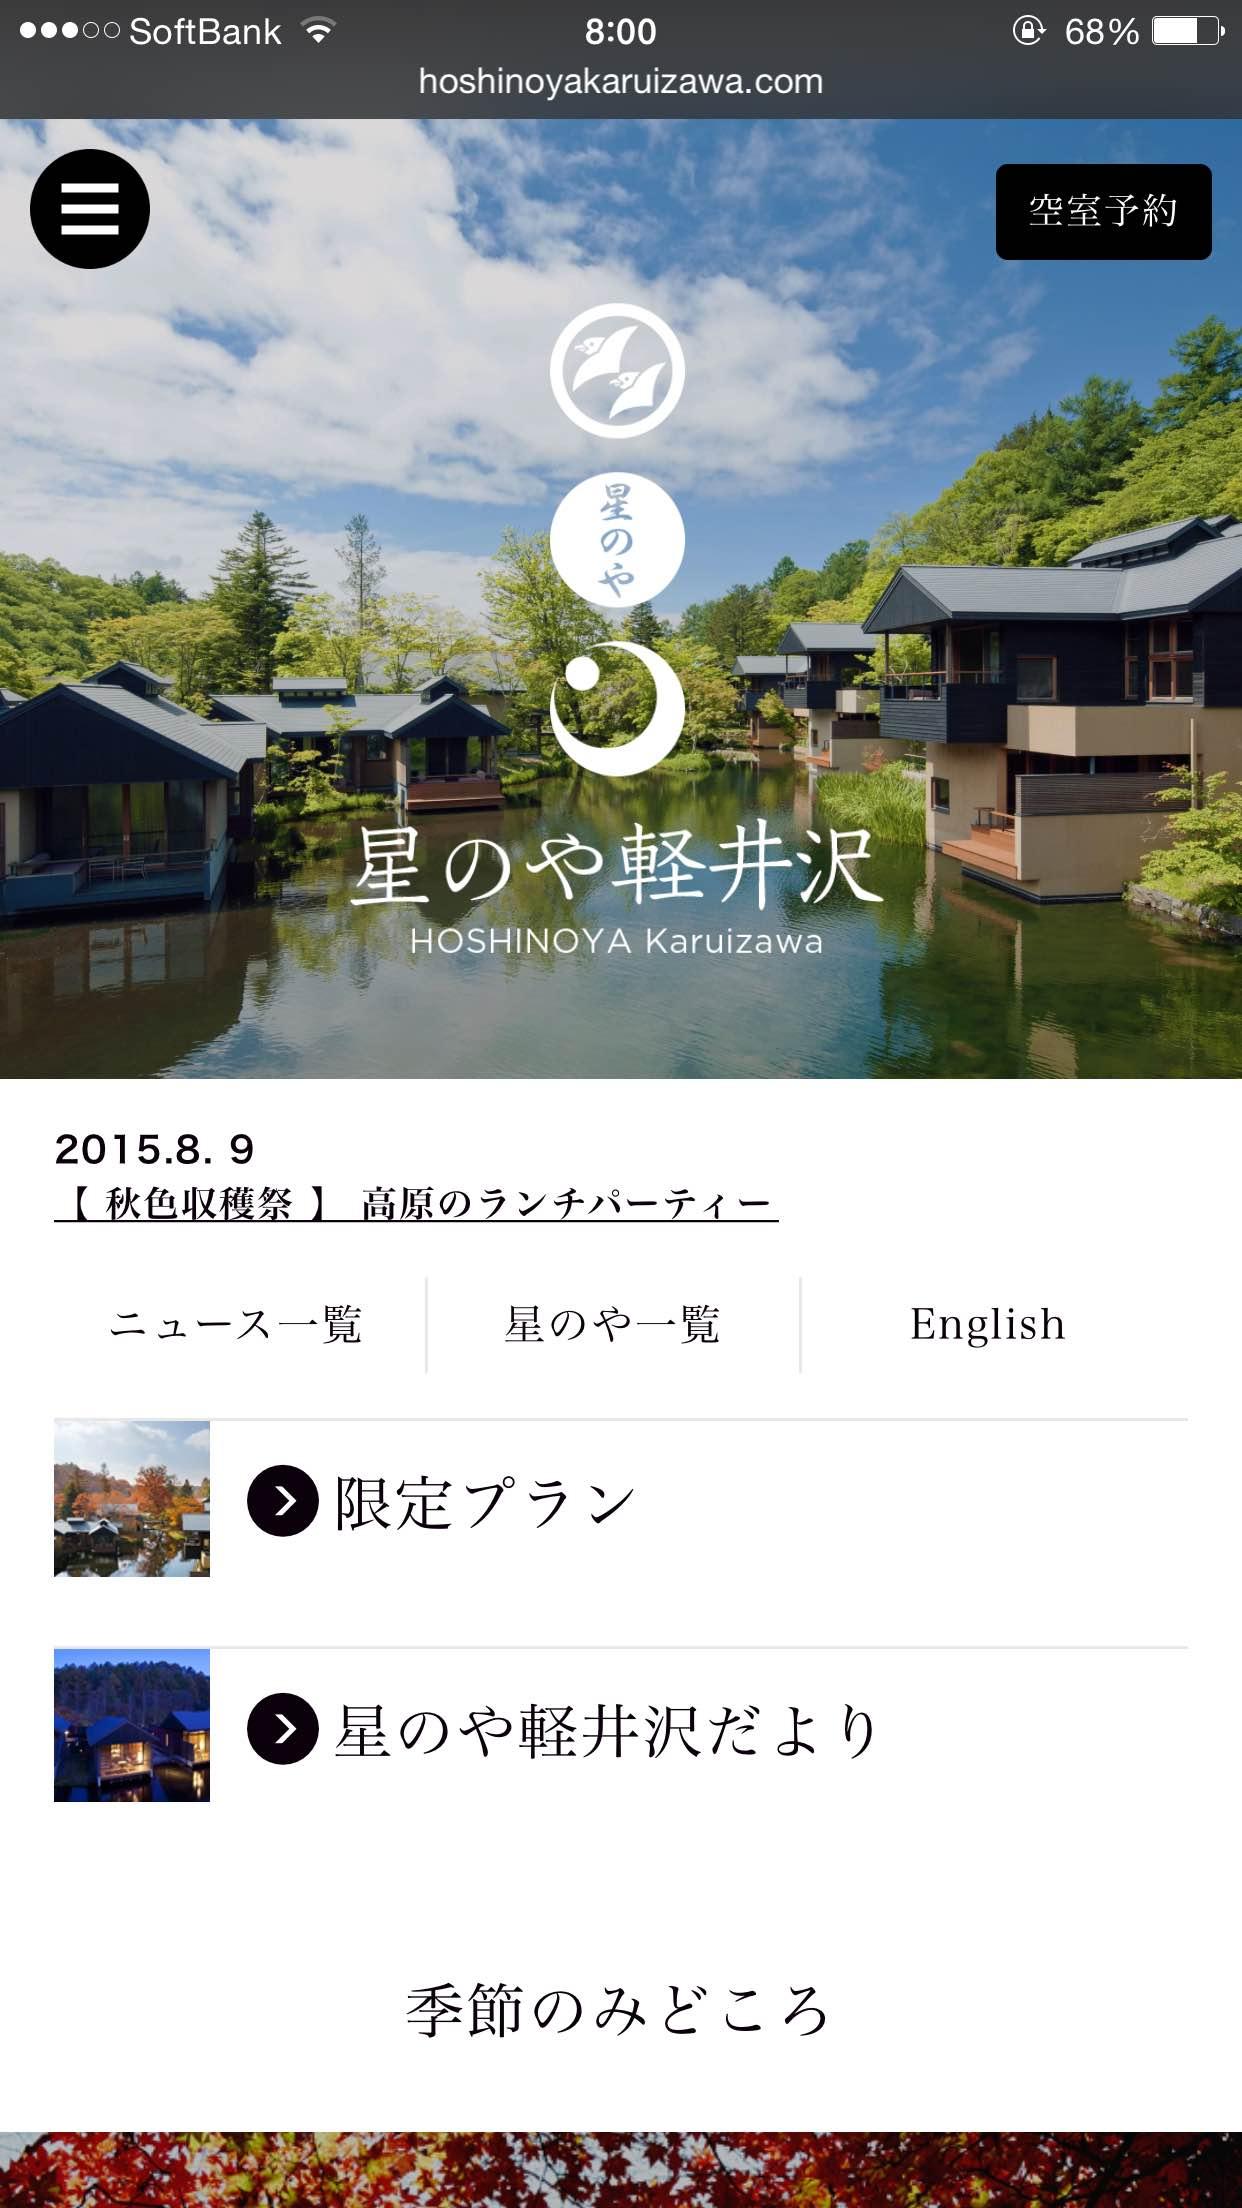 星のや軽井沢 HOSHINOYA Karuizawa | 温泉旅館 【公式】